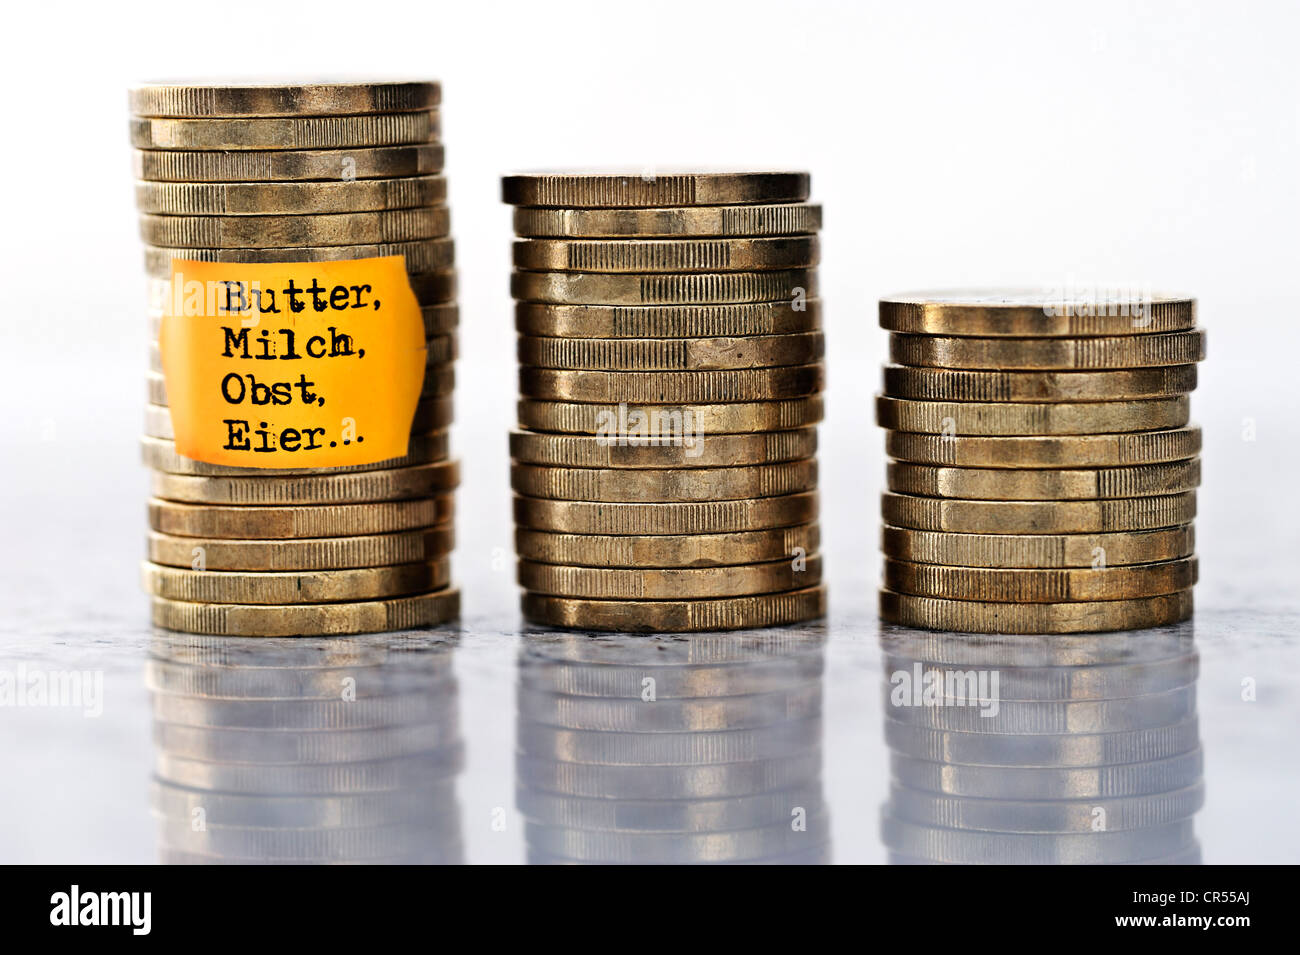 """Stapel von Münzen mit Preisschild und Inschrift """"Butter, Milch, Obst, Eier"""" Deutsch für """"Butter, Stockbild"""